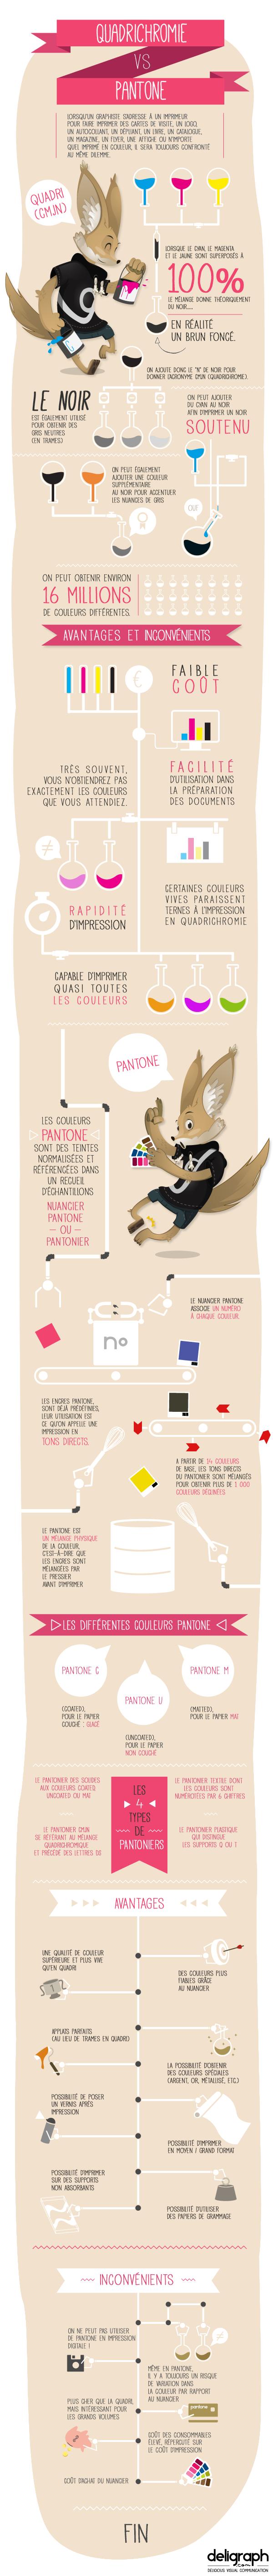 Quadrichromie vs Pantone : comparaison (infographie)